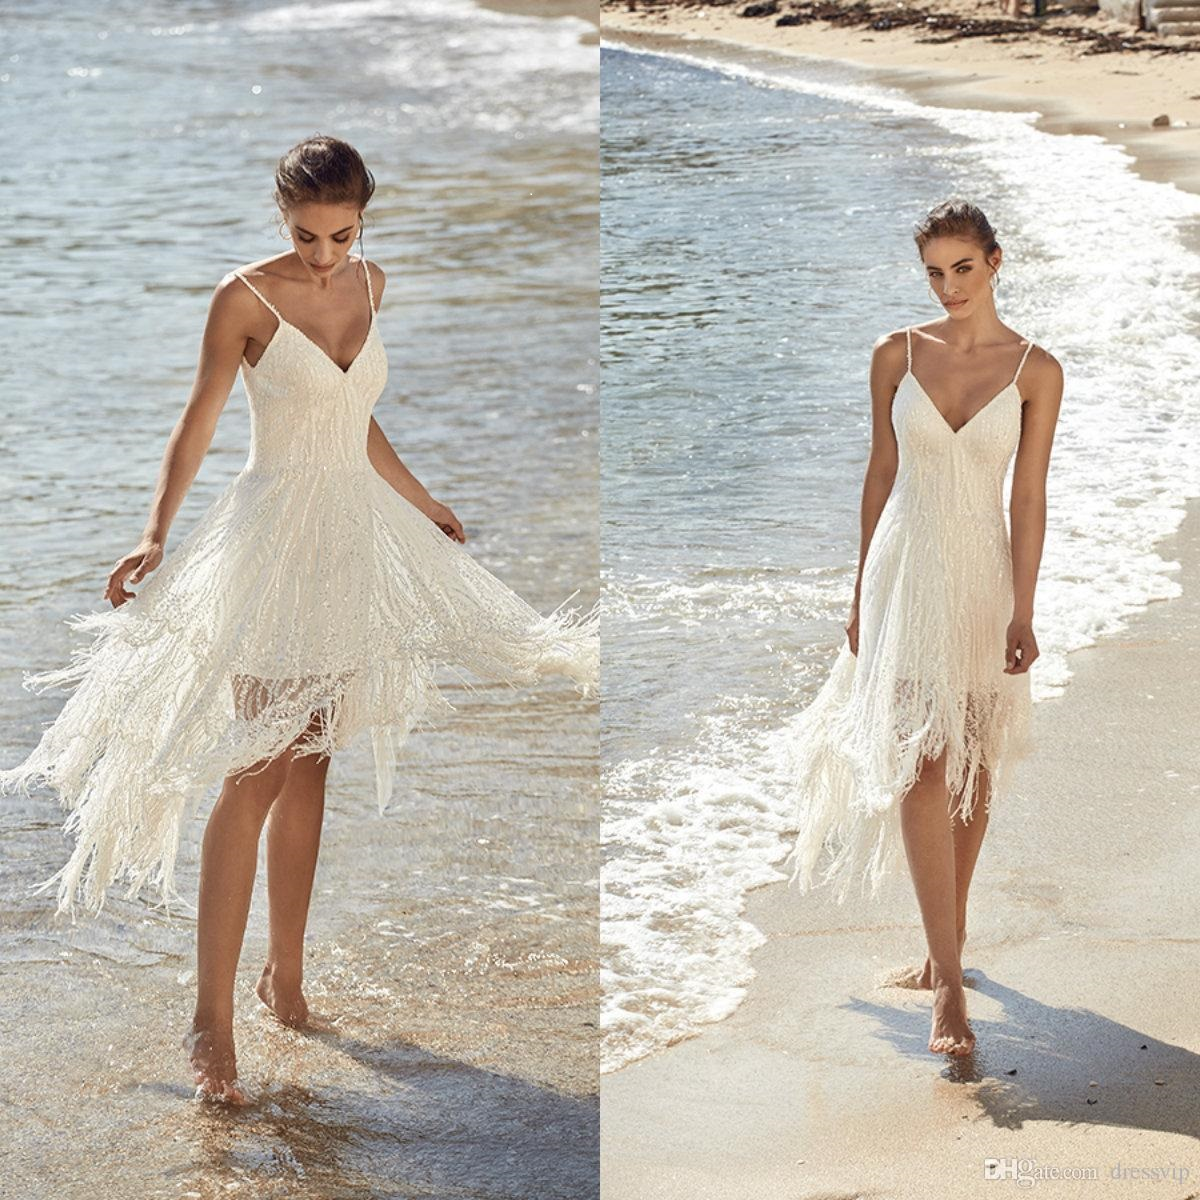 shoulder neckline beach wedding dresses 1